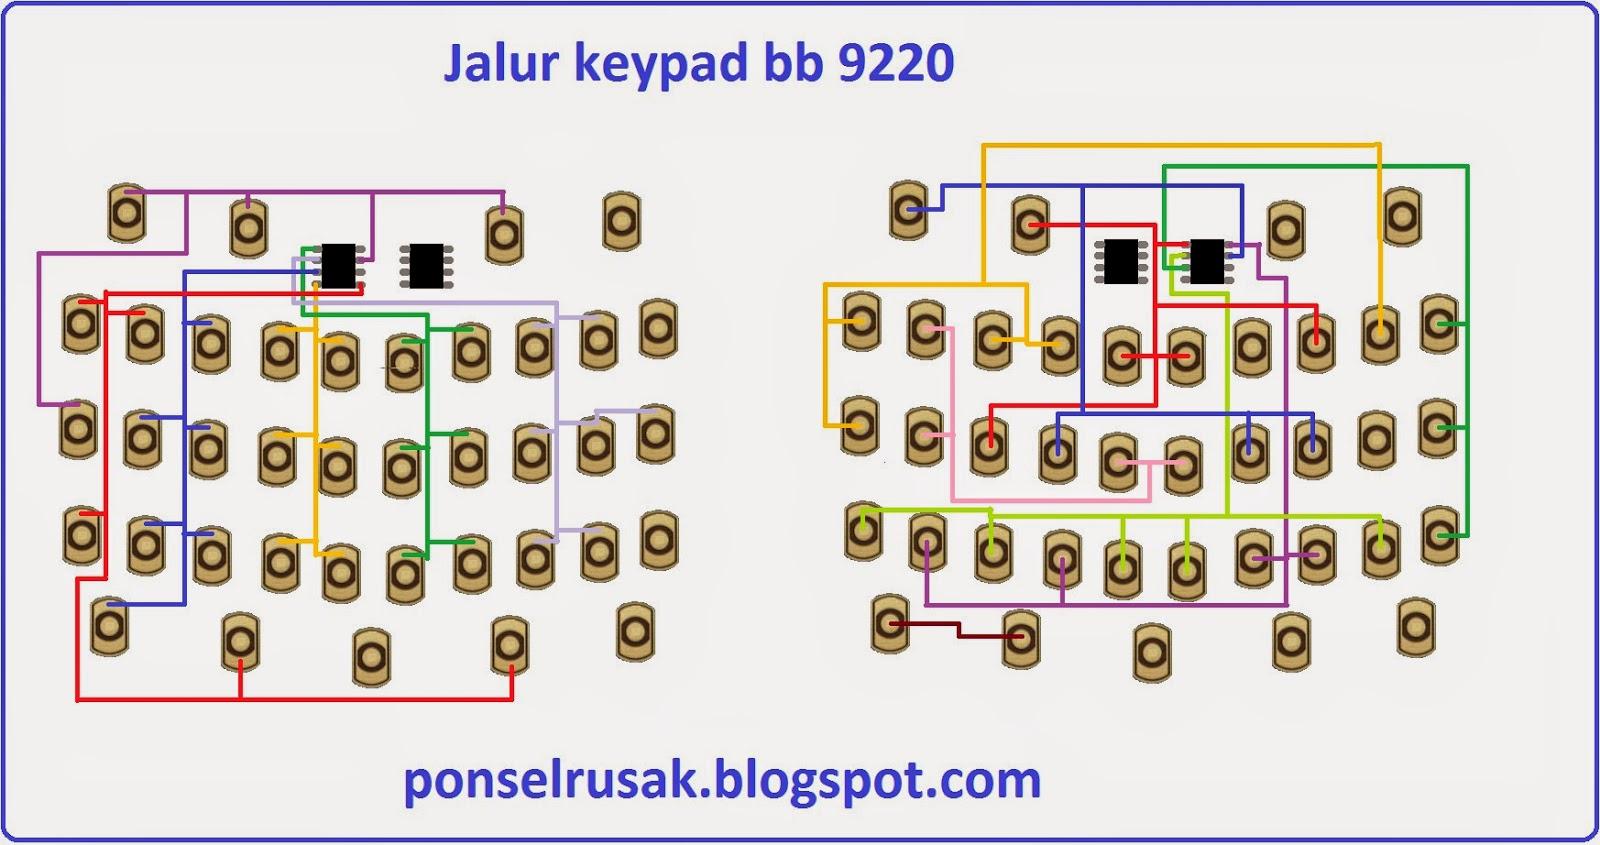 Solusi untuk mengatasi kerusakan keypad tidak jalan dengan cara jumper